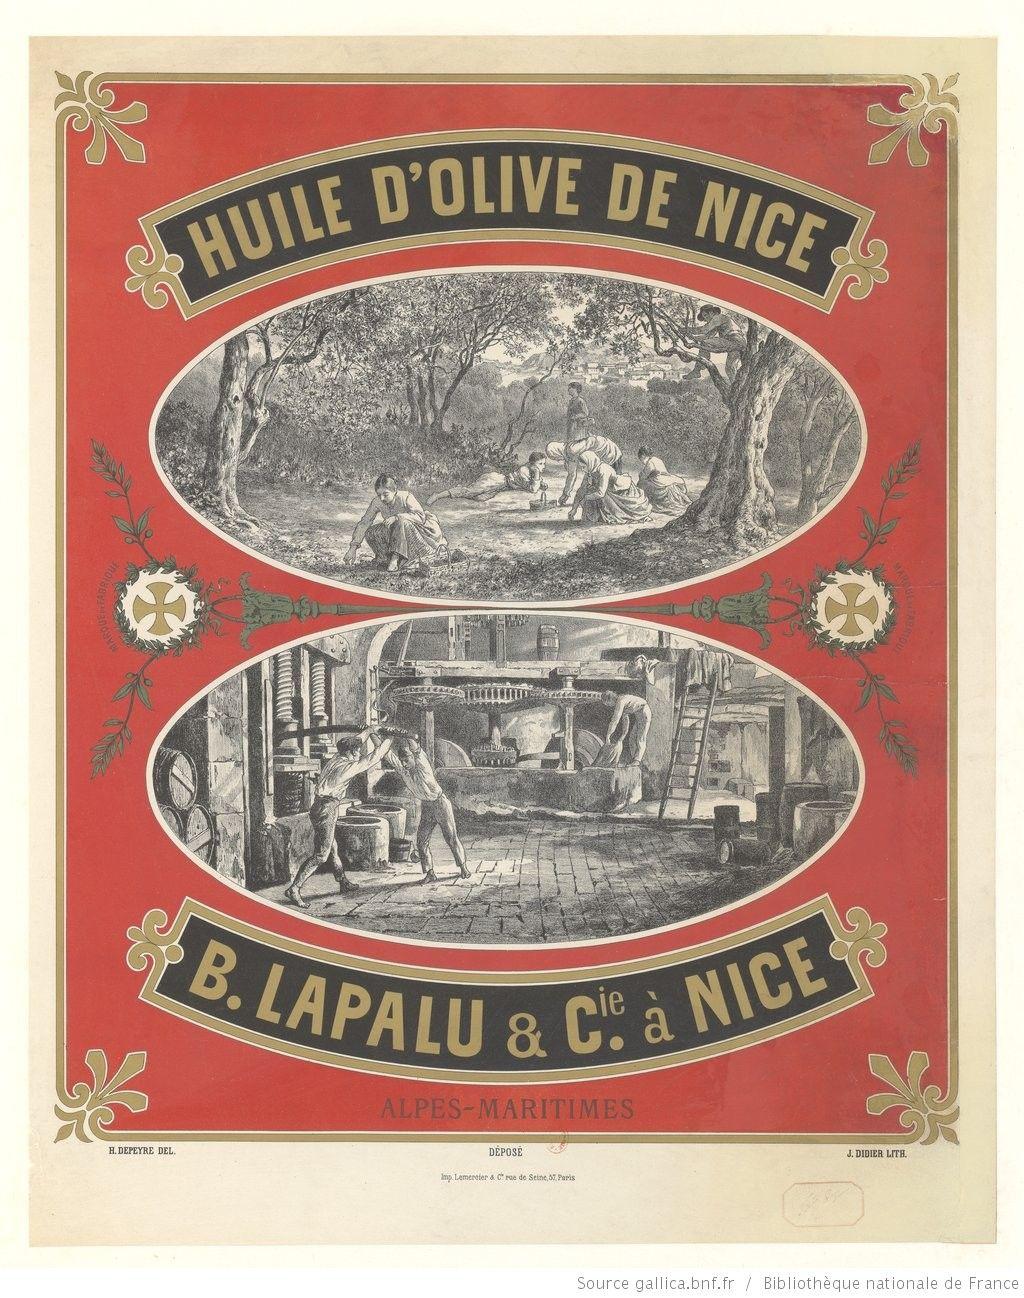 Huile d'olive de Nice. B. Lapalu & Cie à Nice... : [affiche] / H. Depeyre del. ; J. Didier lith., 1890